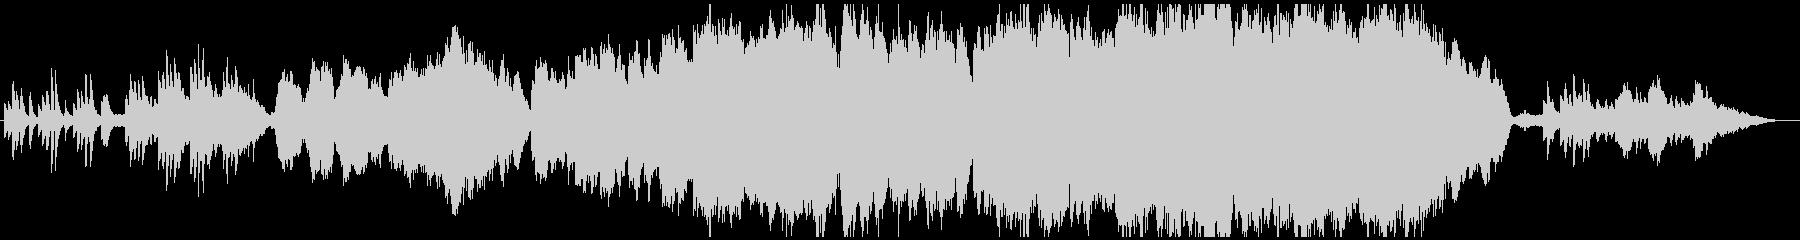 オーケストラ切ない感動系バラード/生演奏の未再生の波形